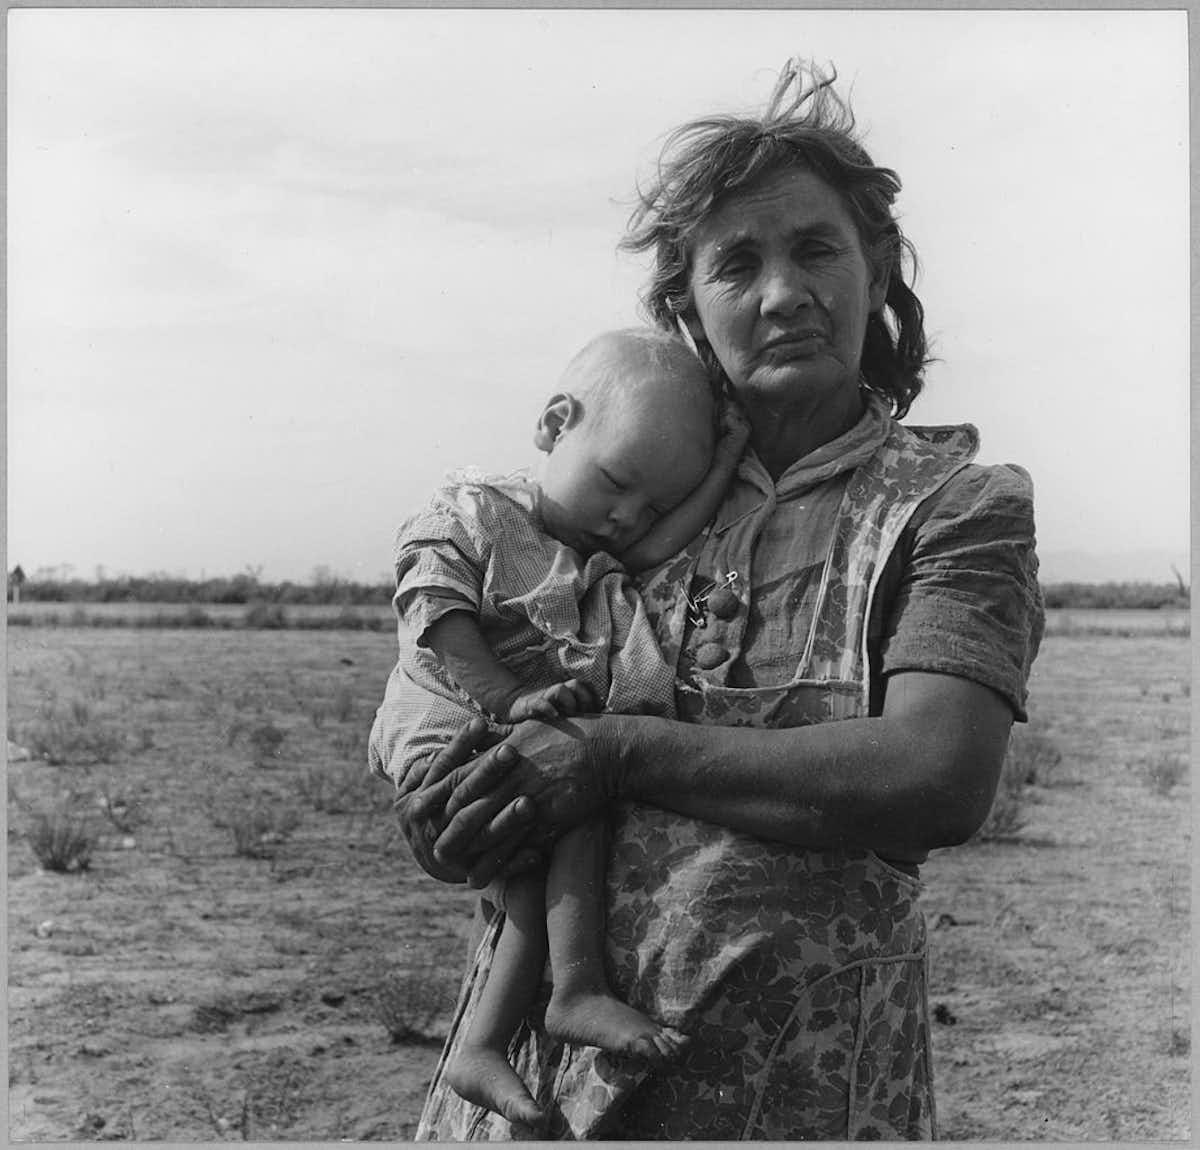 фото великая депрессия доротея ланж оболочкой свинца предполагает